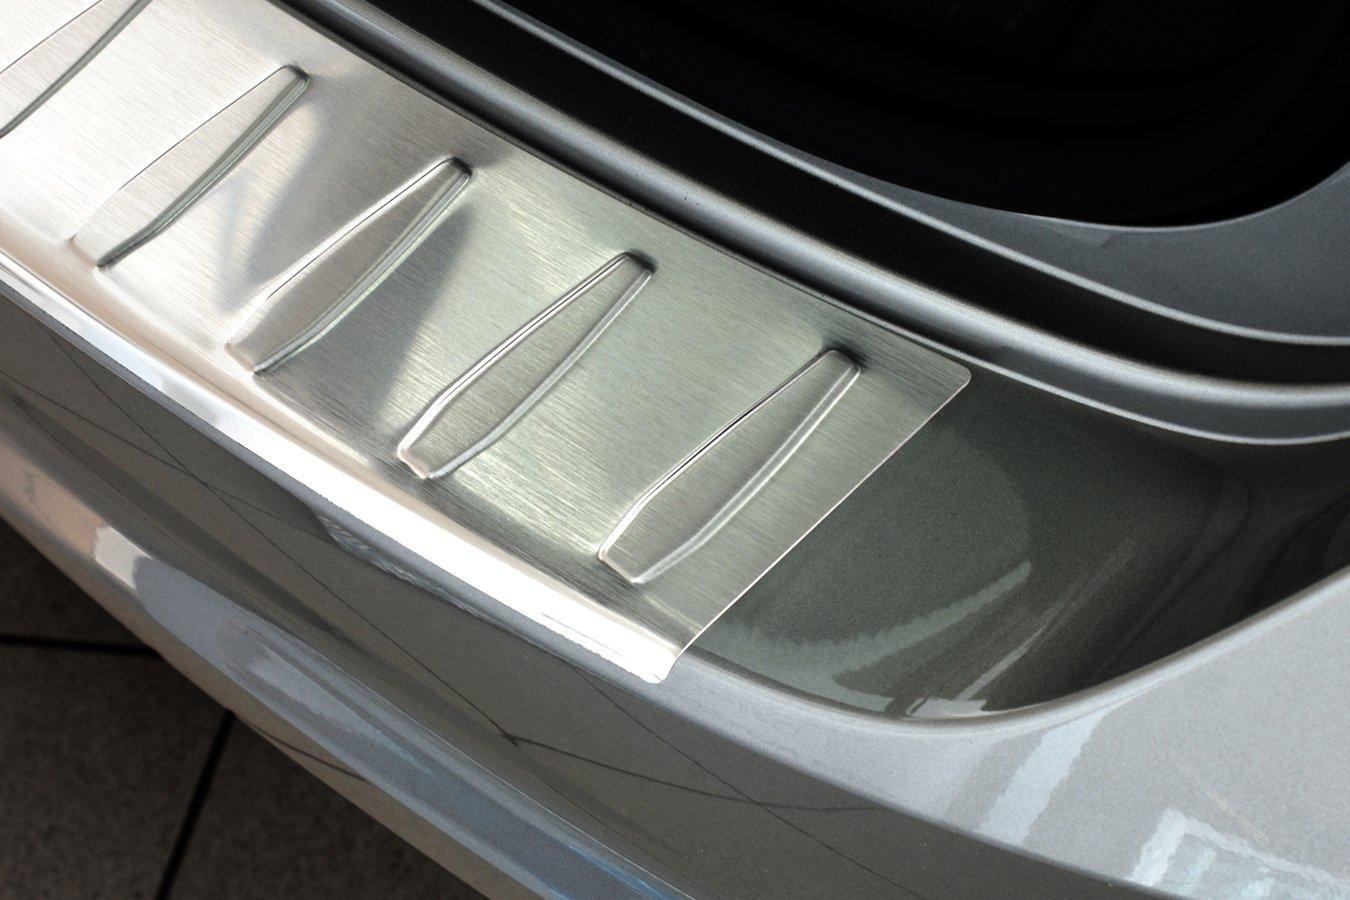 PKWelt Ladekantenschutz mit Abkantung Silber 100/% Edelstahl Einteilige 1 TLG